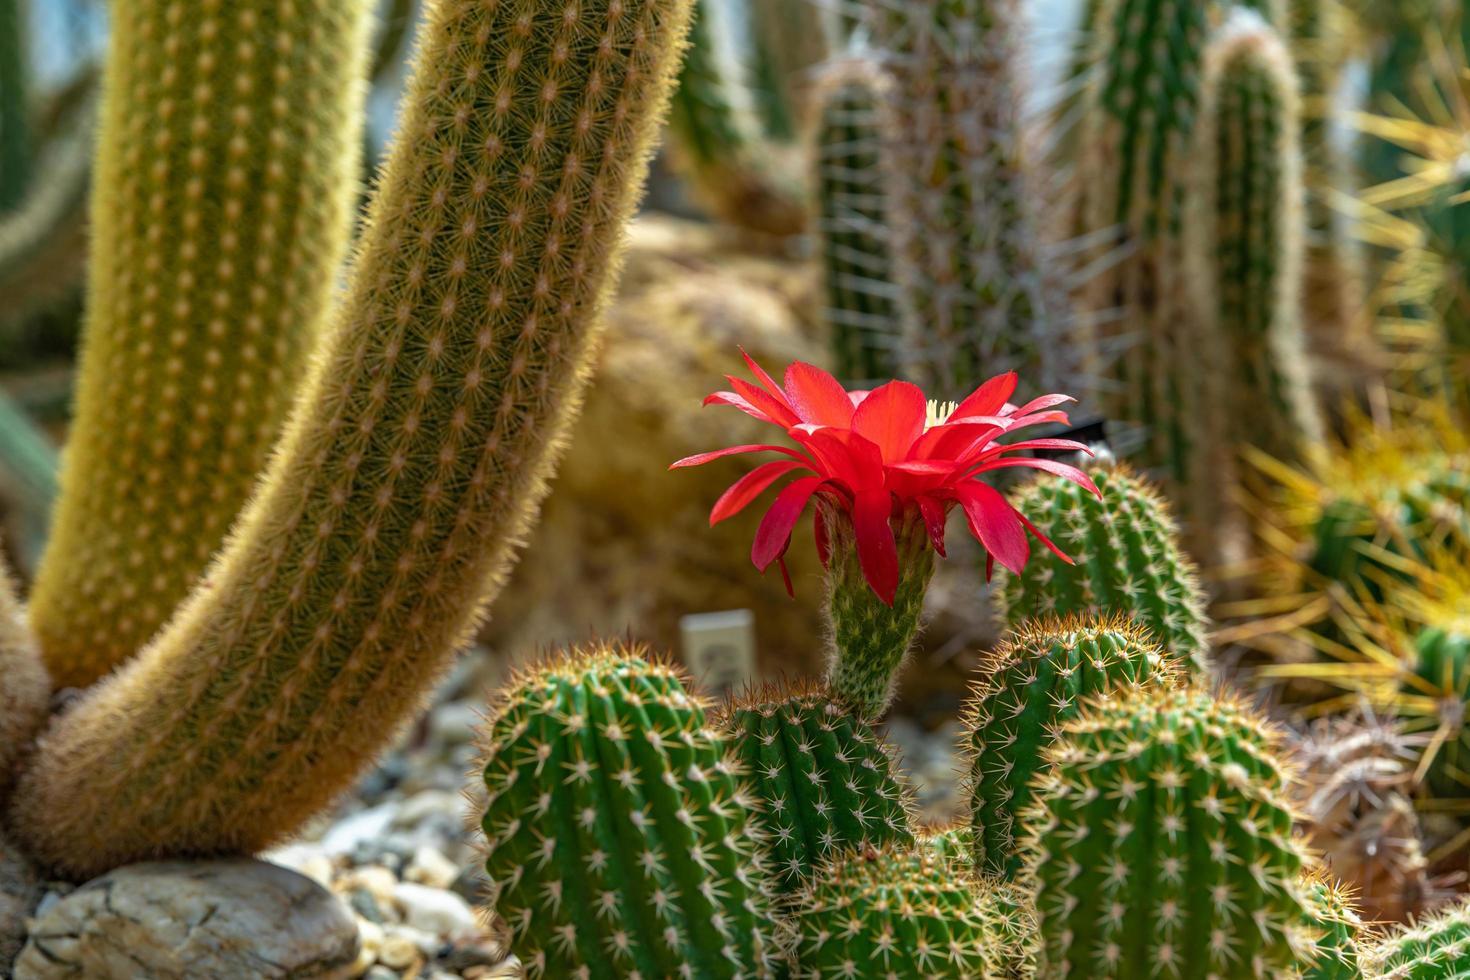 fleur rouge sur cactus photo